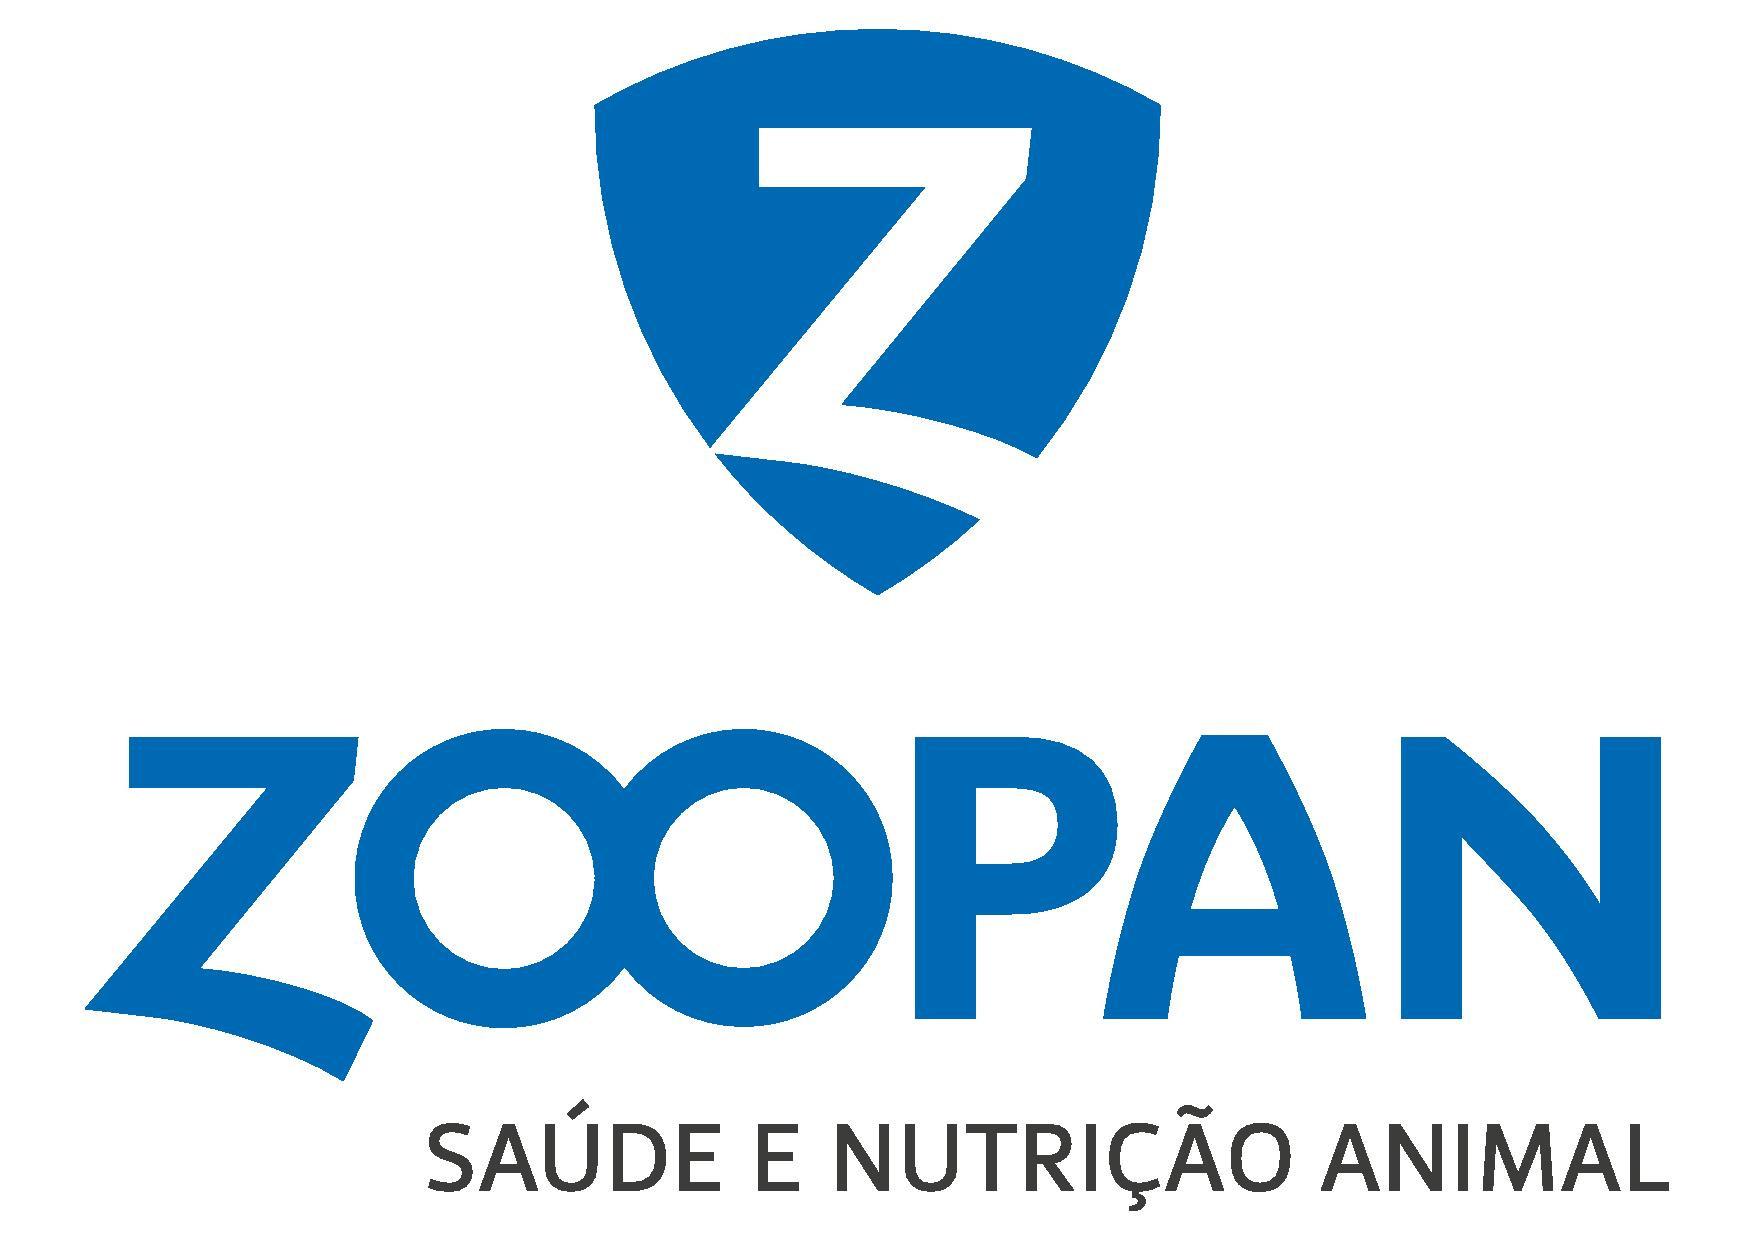 Zoopan